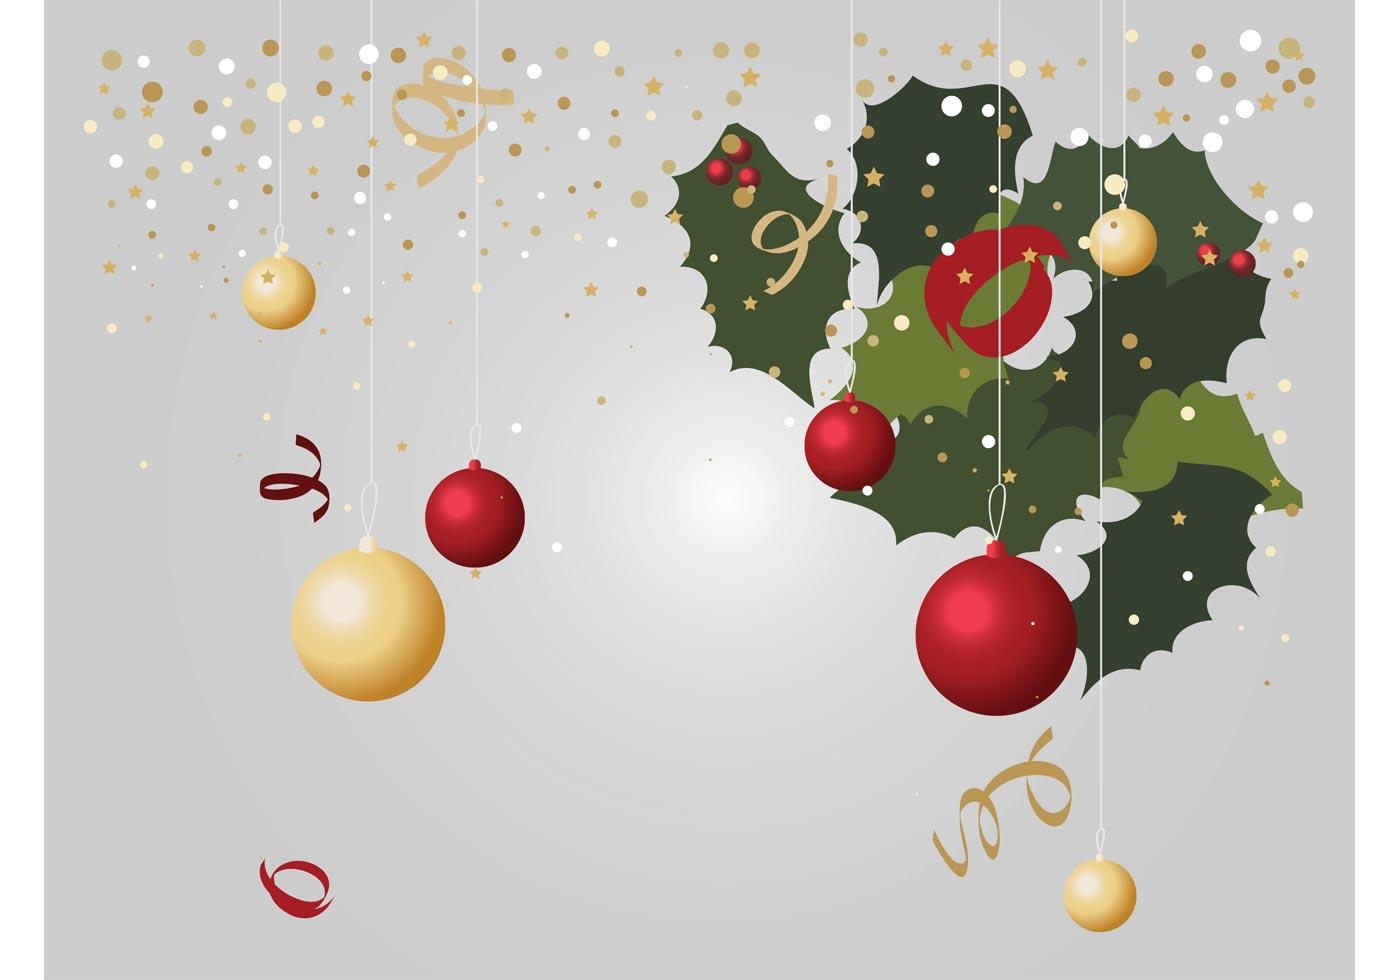 Christmas Decorations Vectors Download Free Vector Art